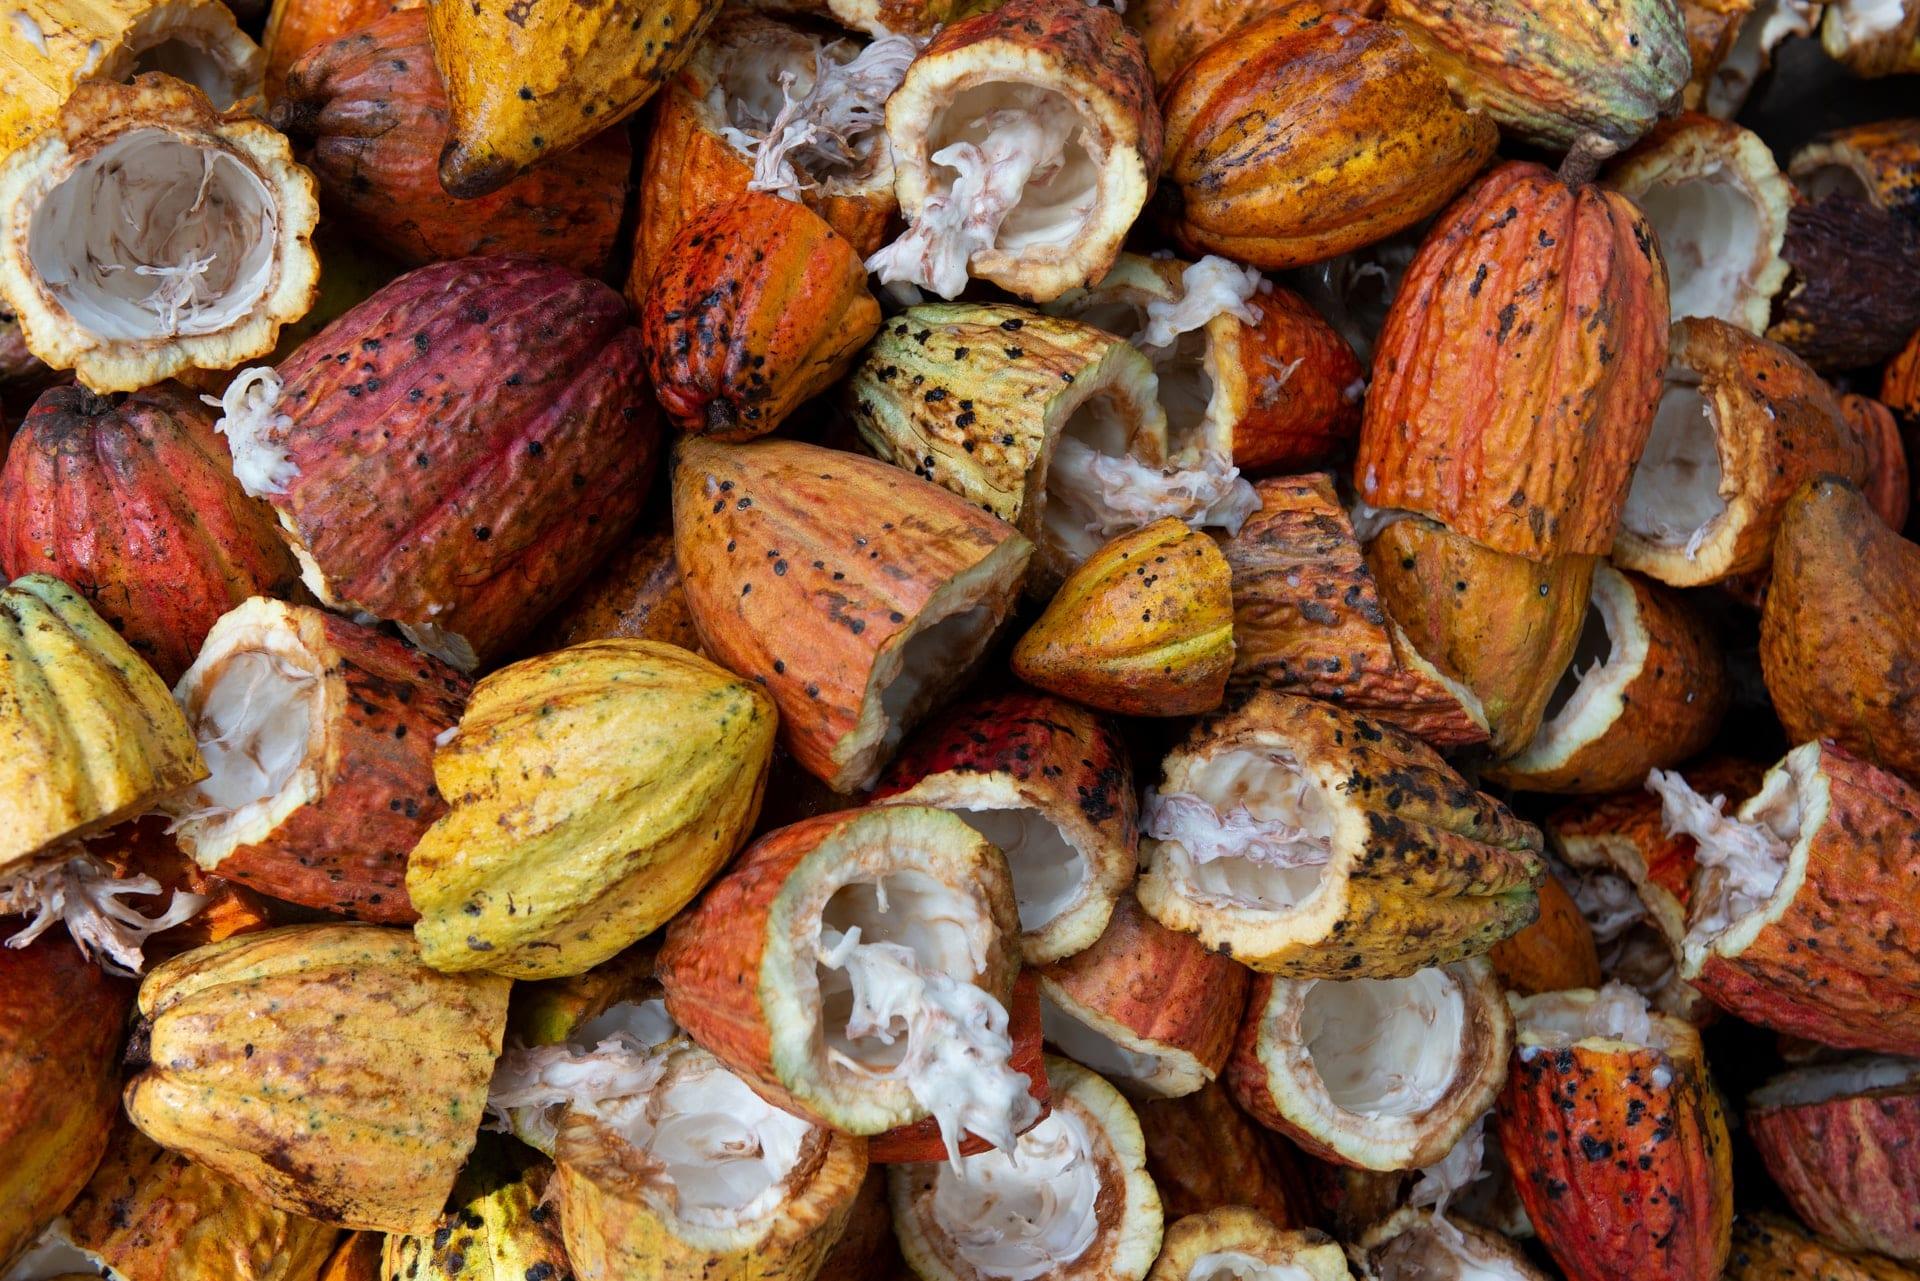 Le cacao a des effets positifs sur le cerveau